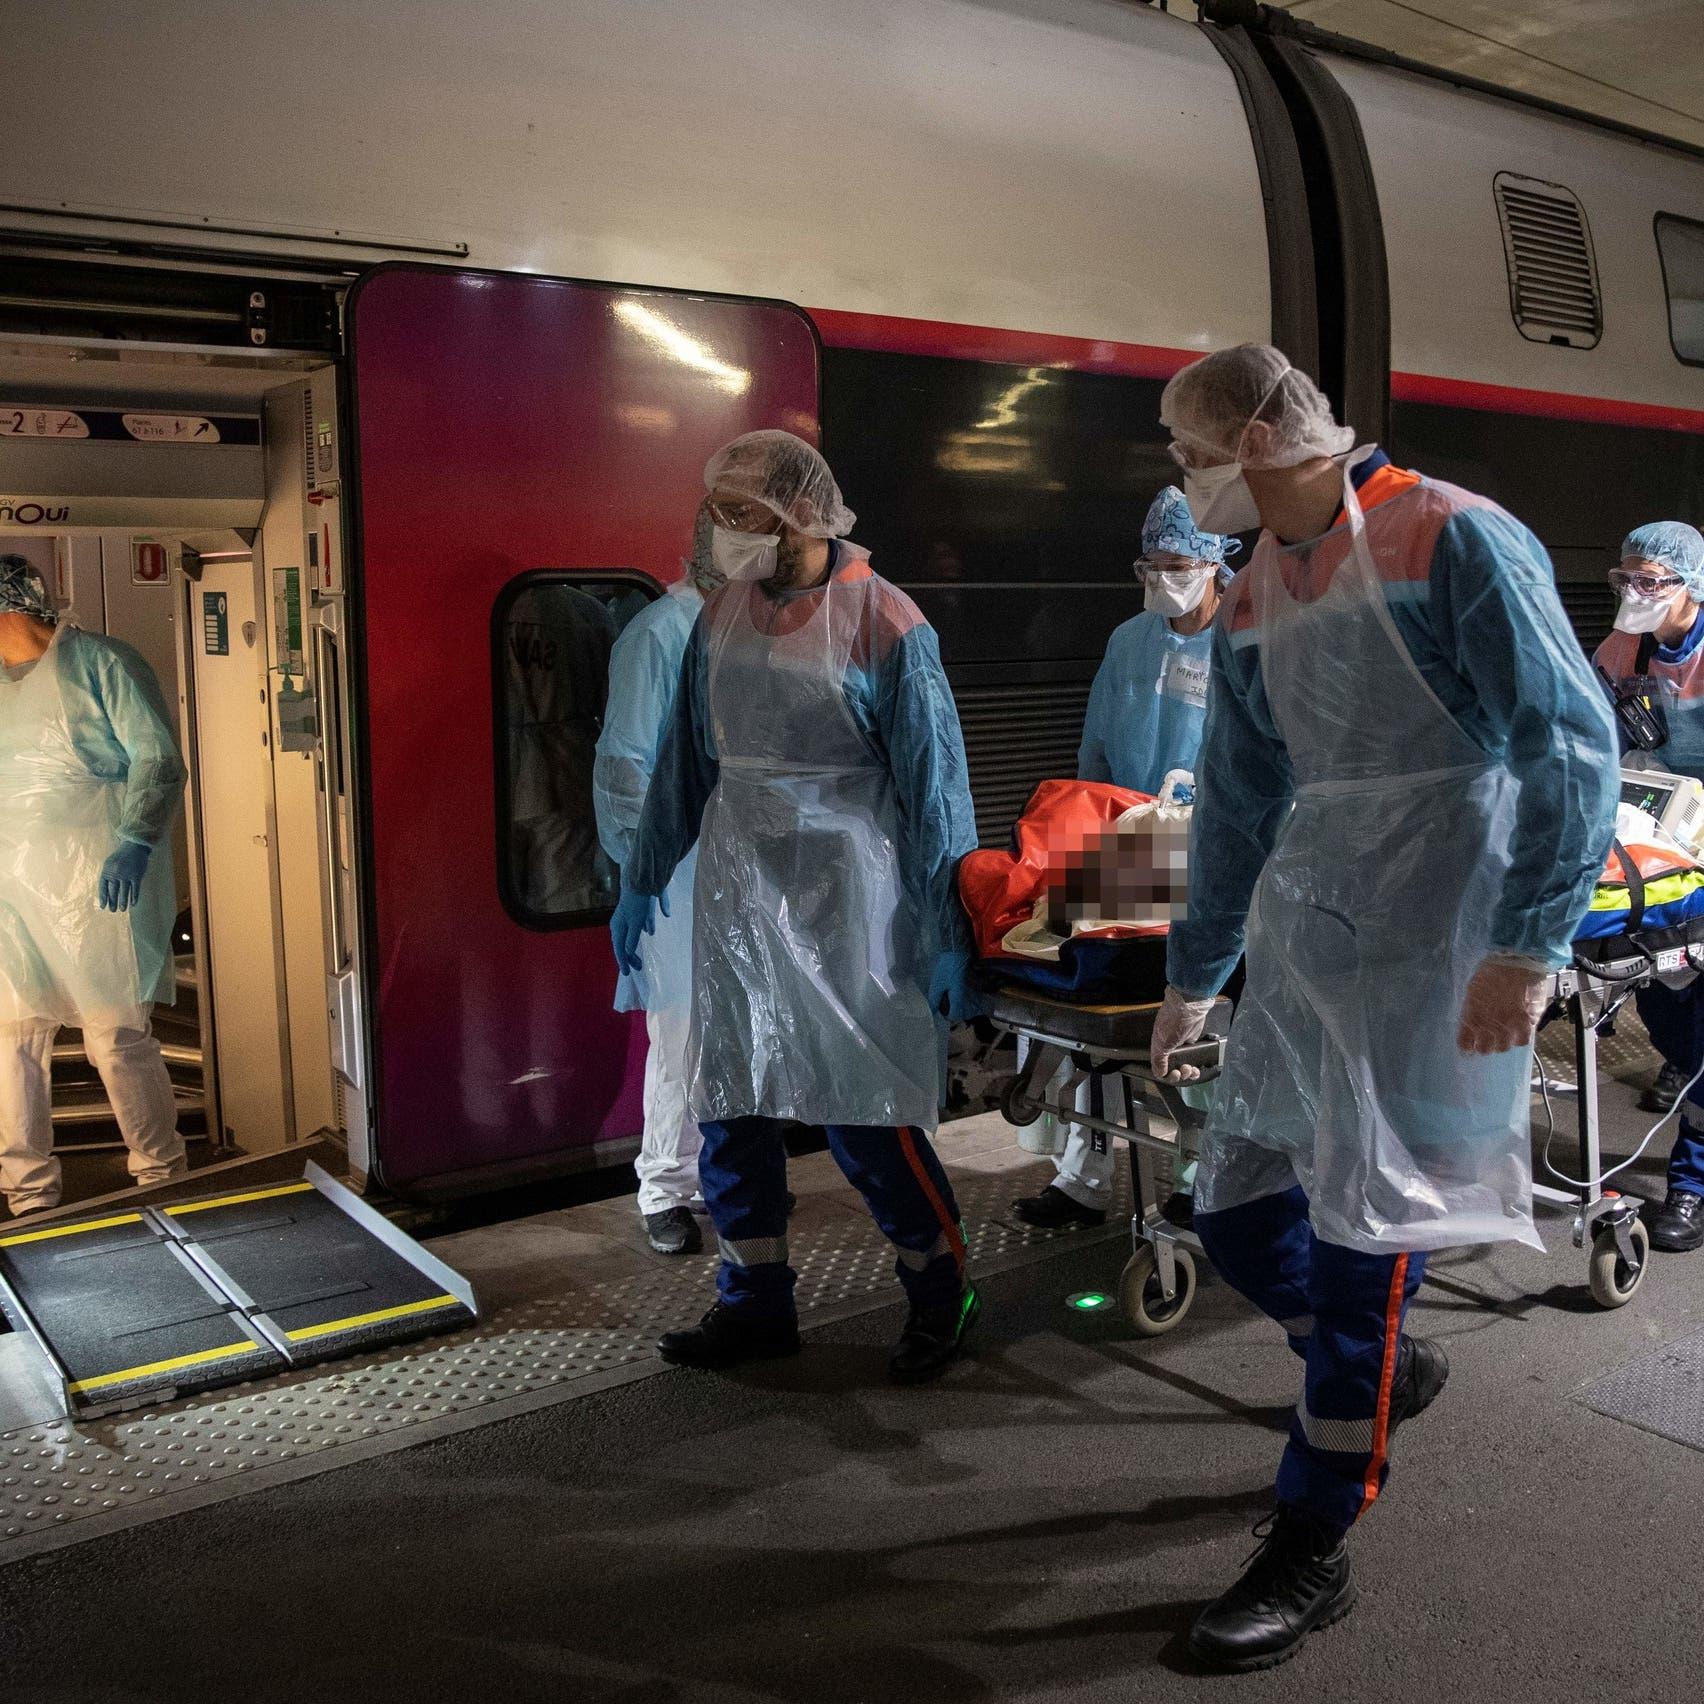 فرنسا تلجأ للقطار فائق السرعة لمطاردة كورونا